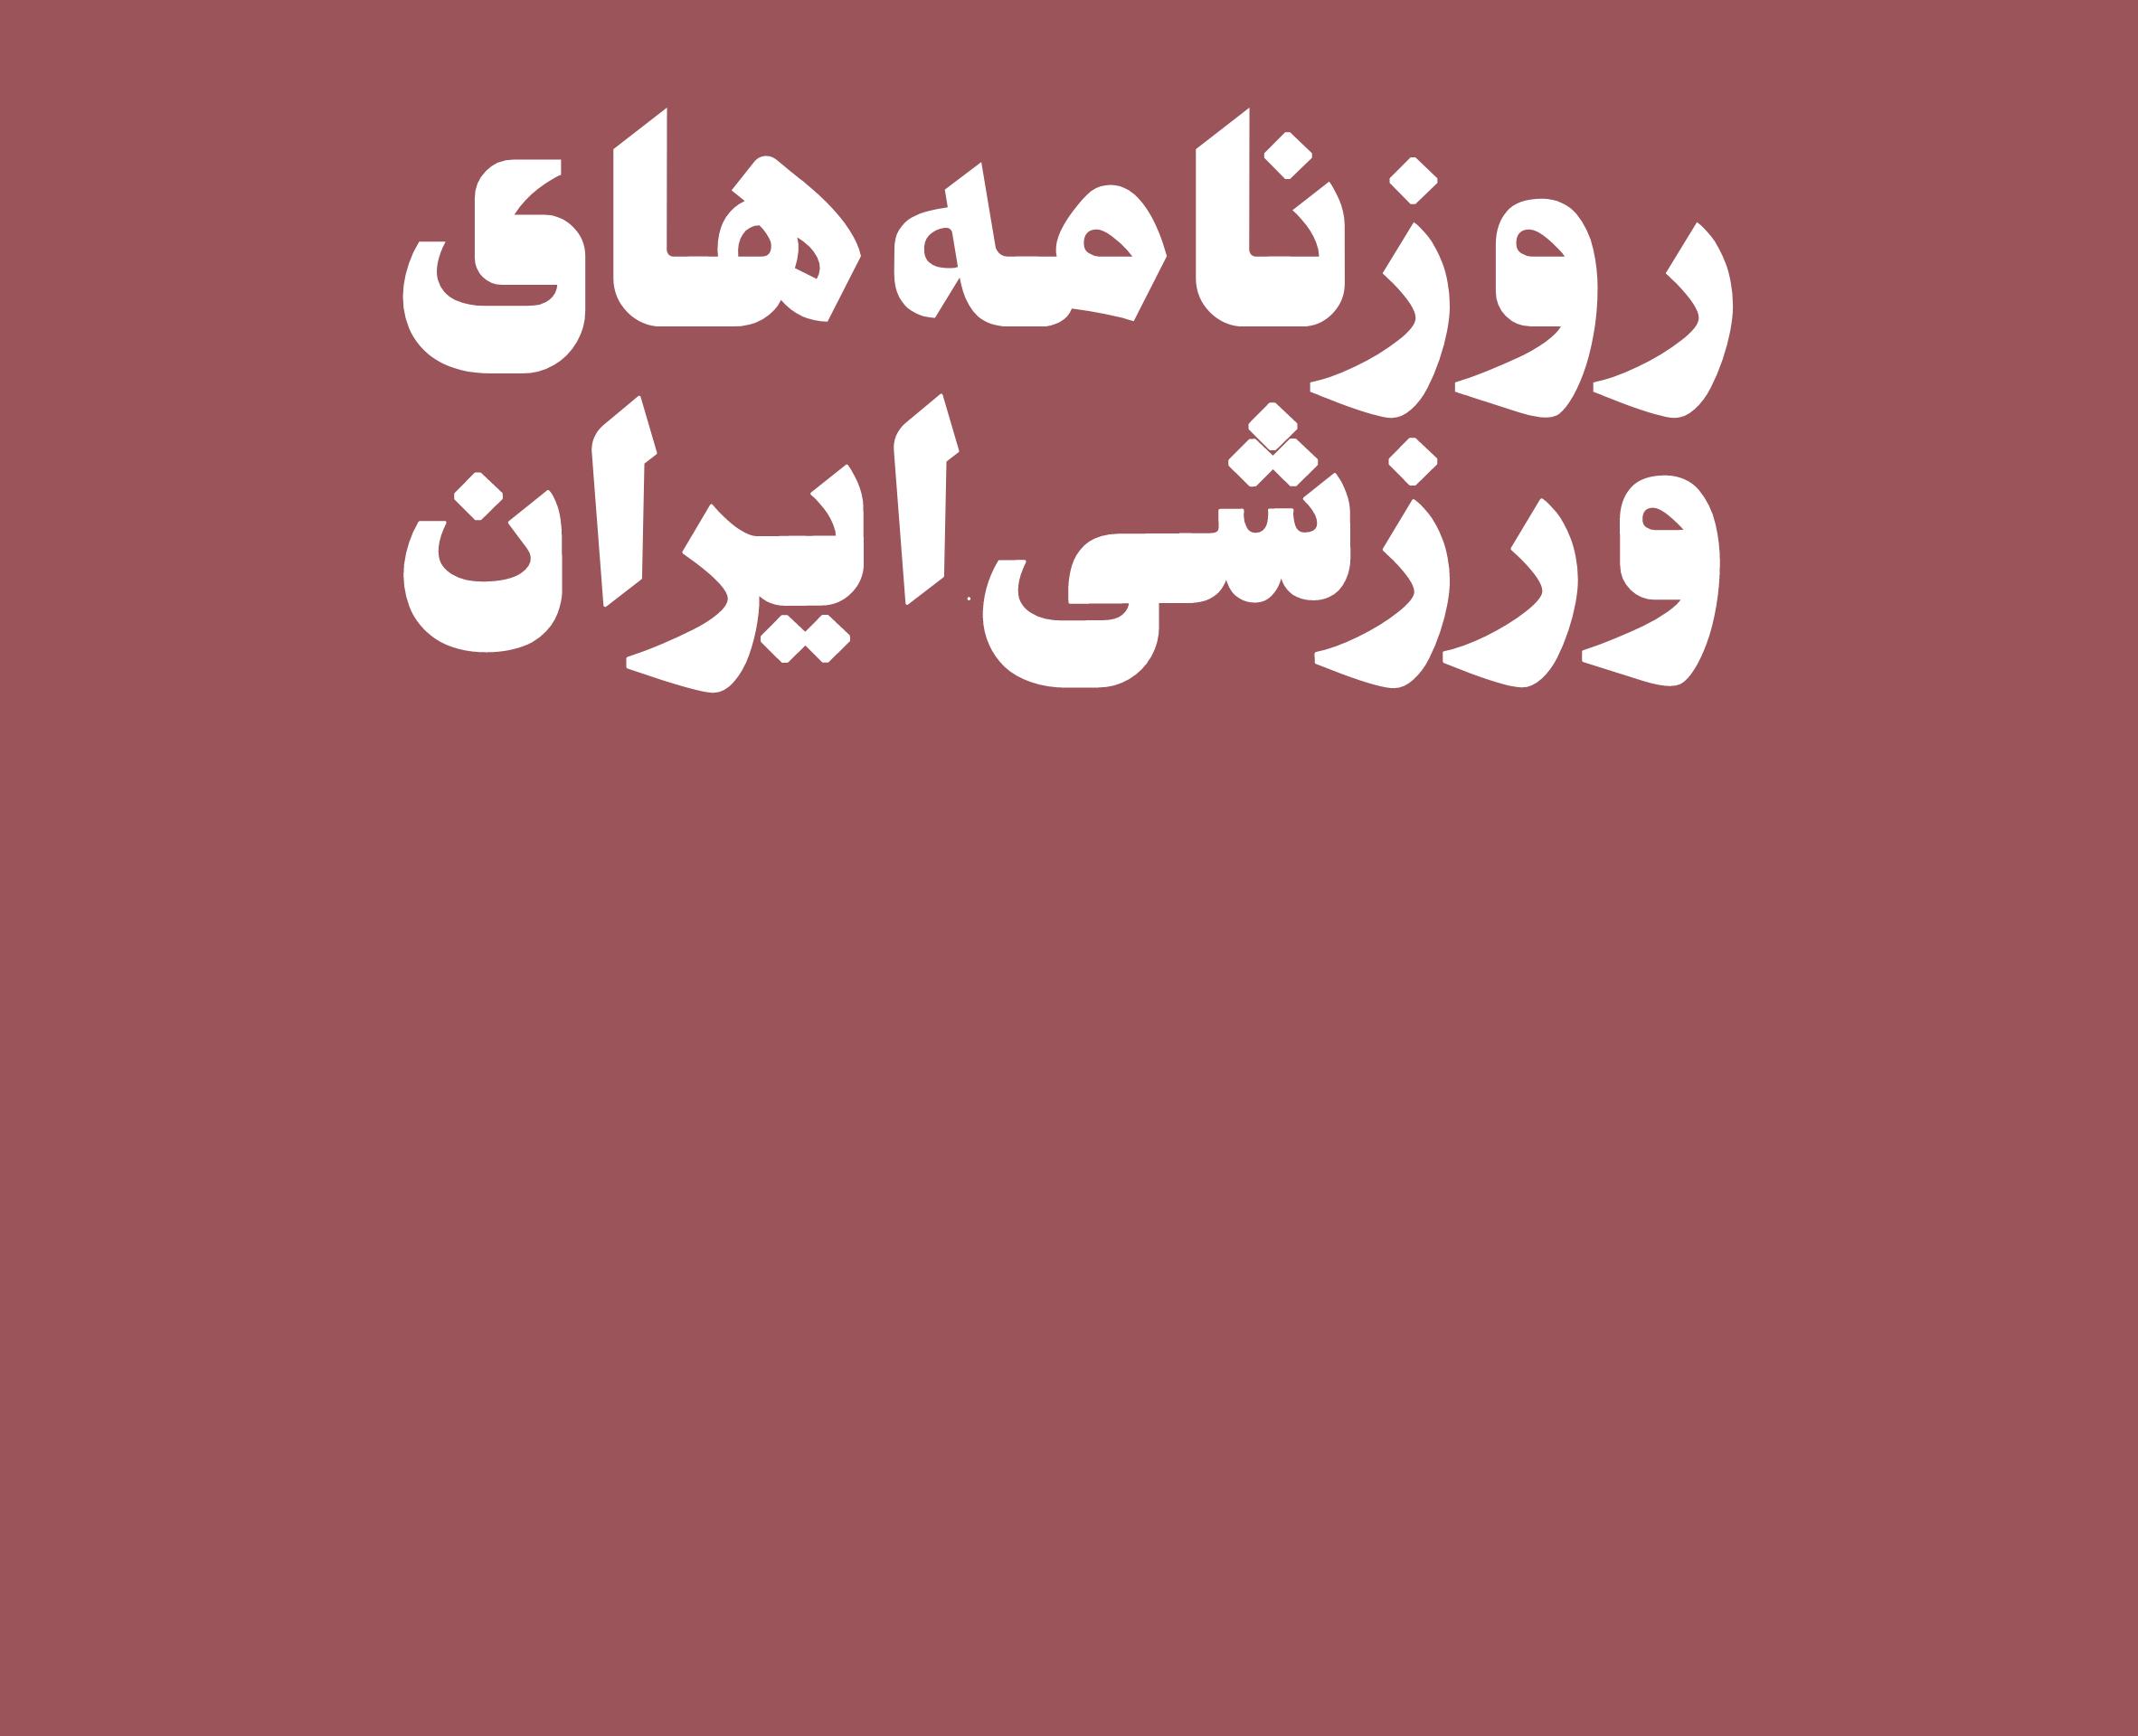 عکس پیش فرض روزنامه های ایران